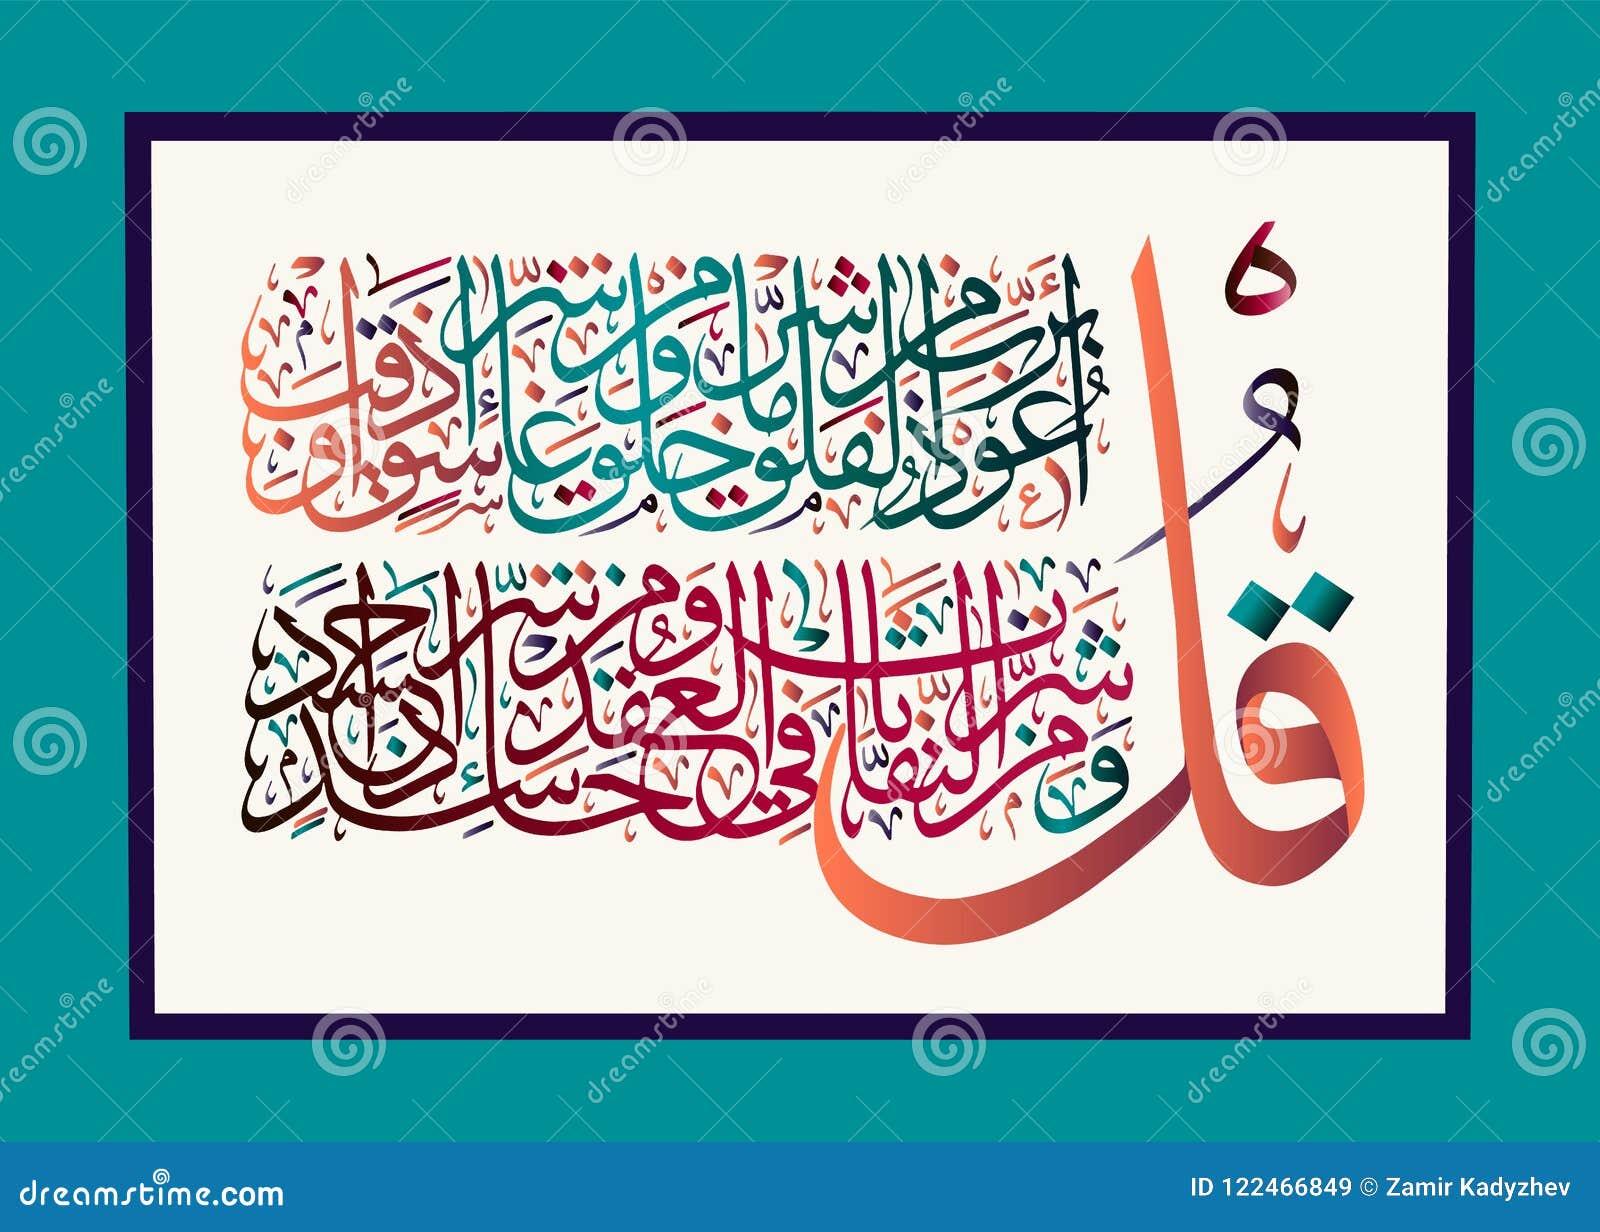 从古兰经斜纹软绸Alfalaq 113的伊斯兰教的书法